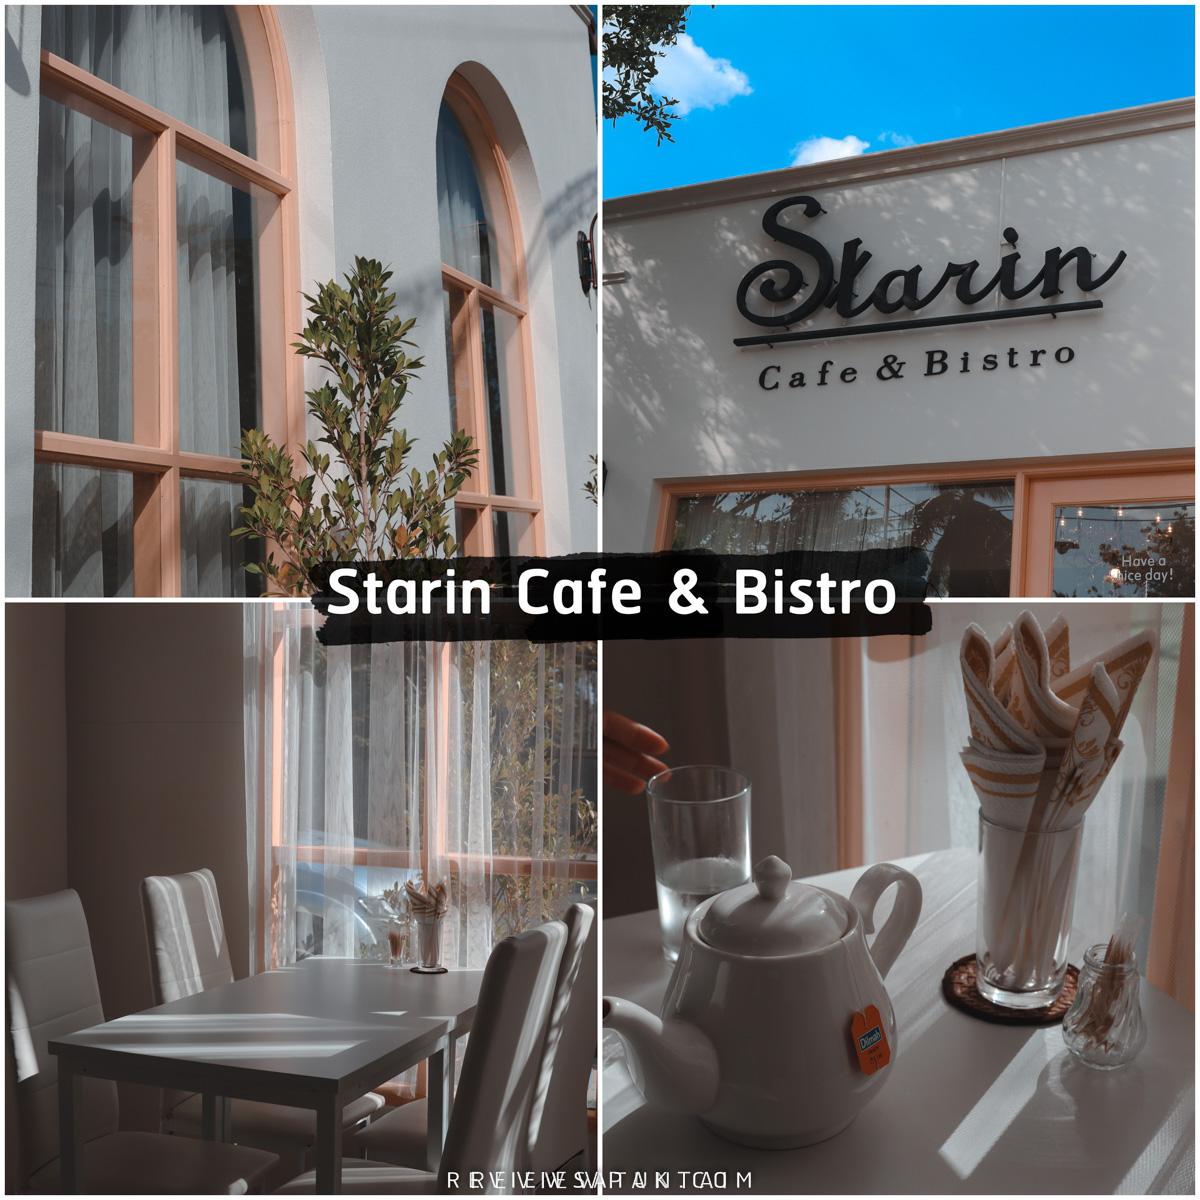 Starin-Cafe---Bistro-คาเฟ่สไตล์เจ้าหญิง-นั่งสบาย-รายละเอียด-คลิก   จุดเช็คอิน,หลีเป๊ะ,สตูลสดยกกำลังสาม,satunwonderland,เที่ยวเมืองไทยAmazingกว่าเดิม,ชีพจรลงSouth